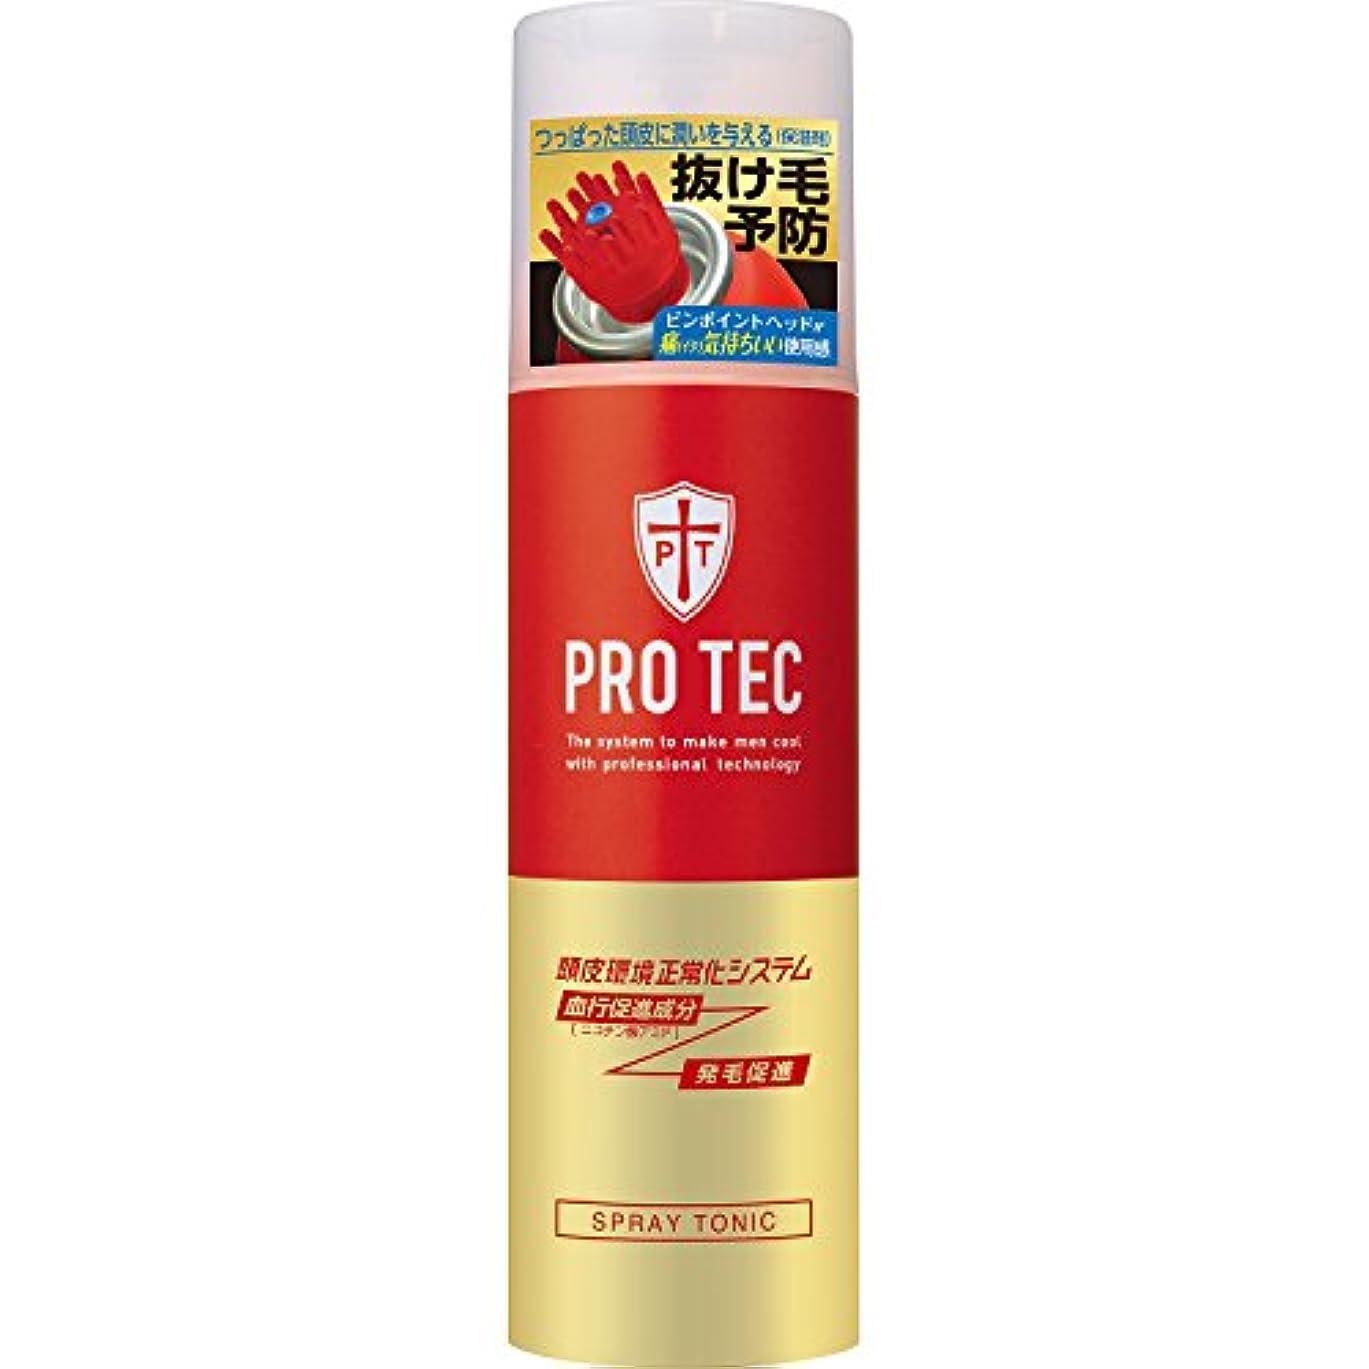 夜間光沢歌PRO TEC(プロテク) スプレートニック 150g(医薬部外品)